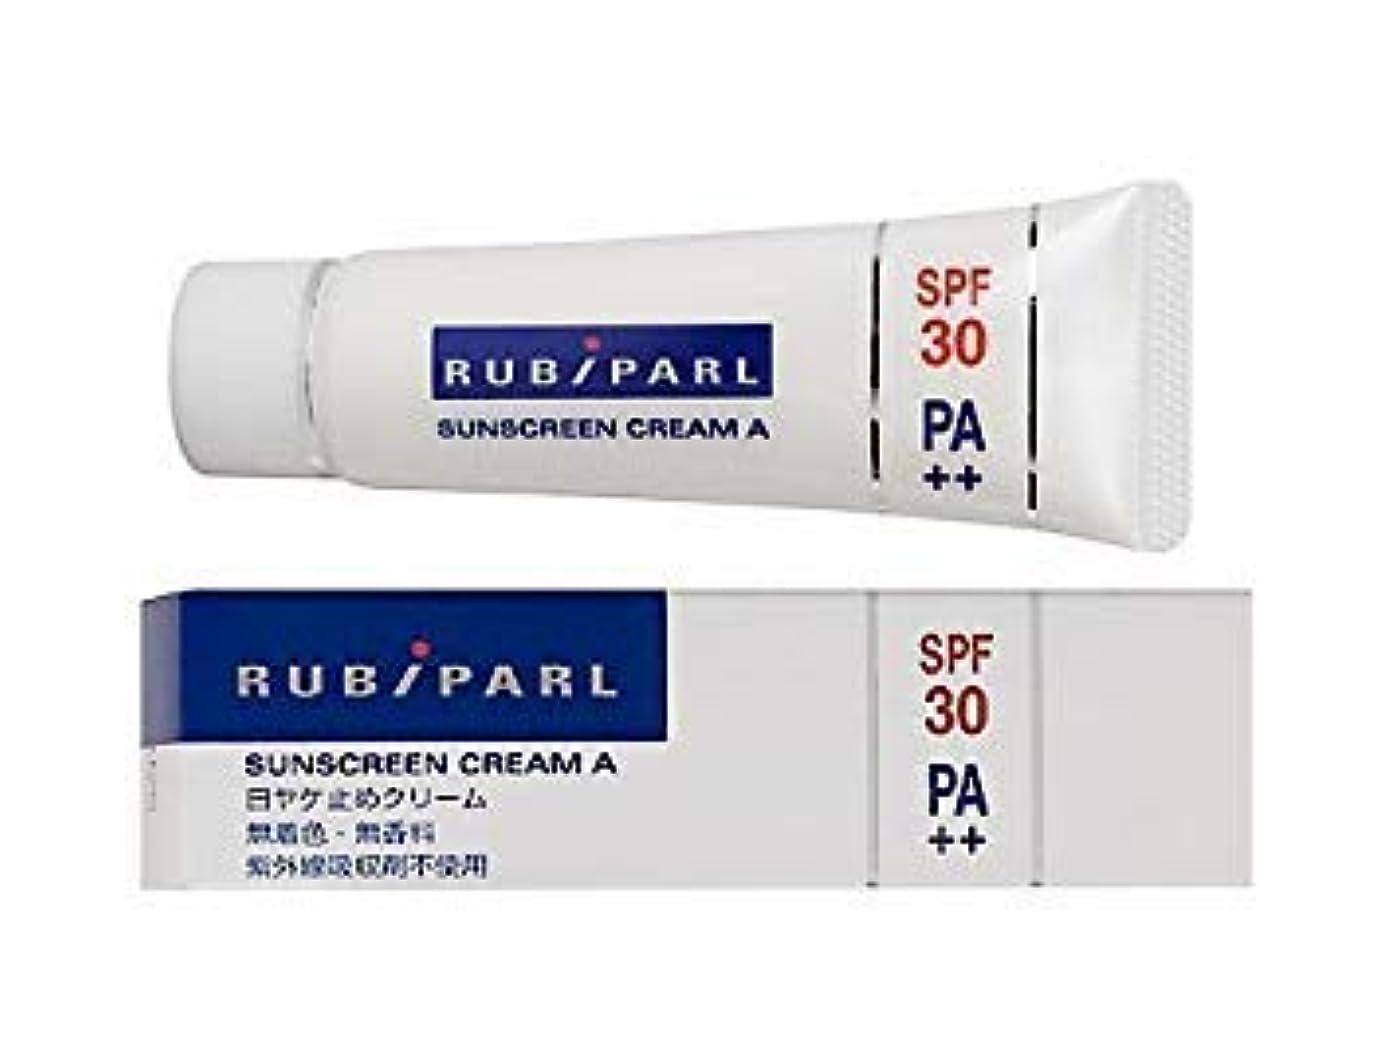 つづり高価な認可【2個】ルビパール サンスクリーンクリームA 30g×2個セット (4987047171732)